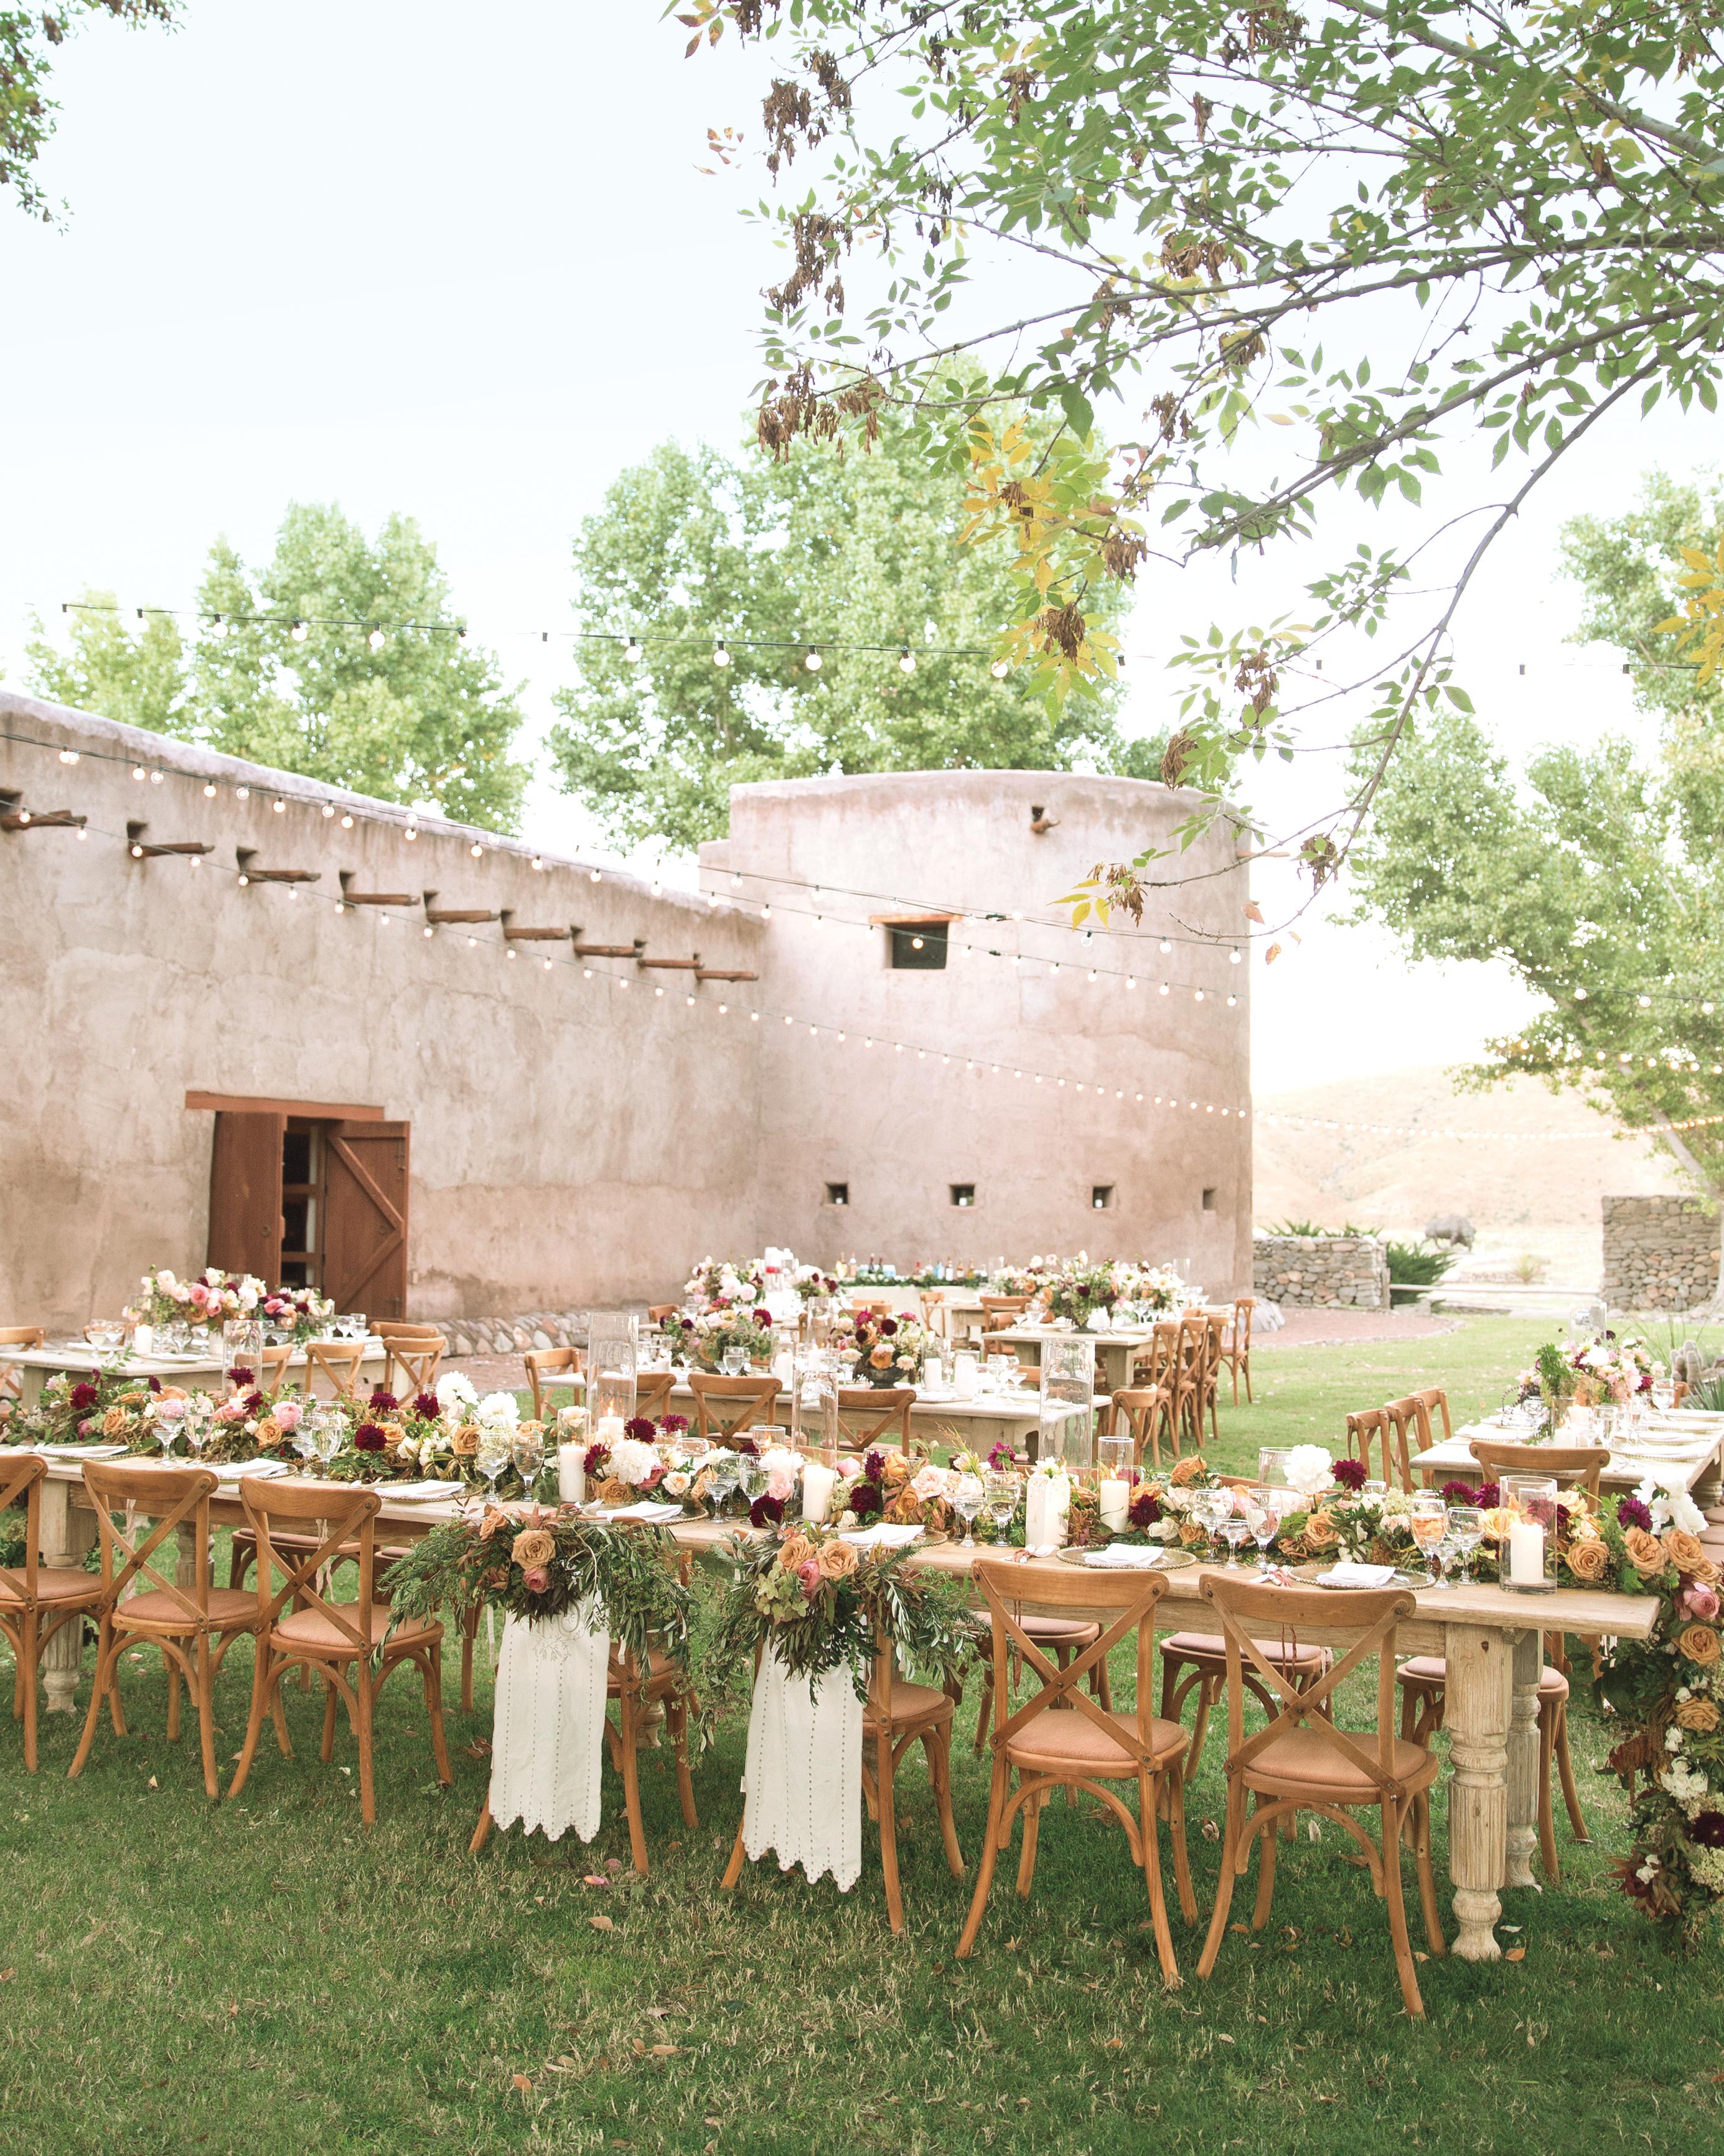 amanda-marty-wedding-marfa-texas-0899-s112329.jpg